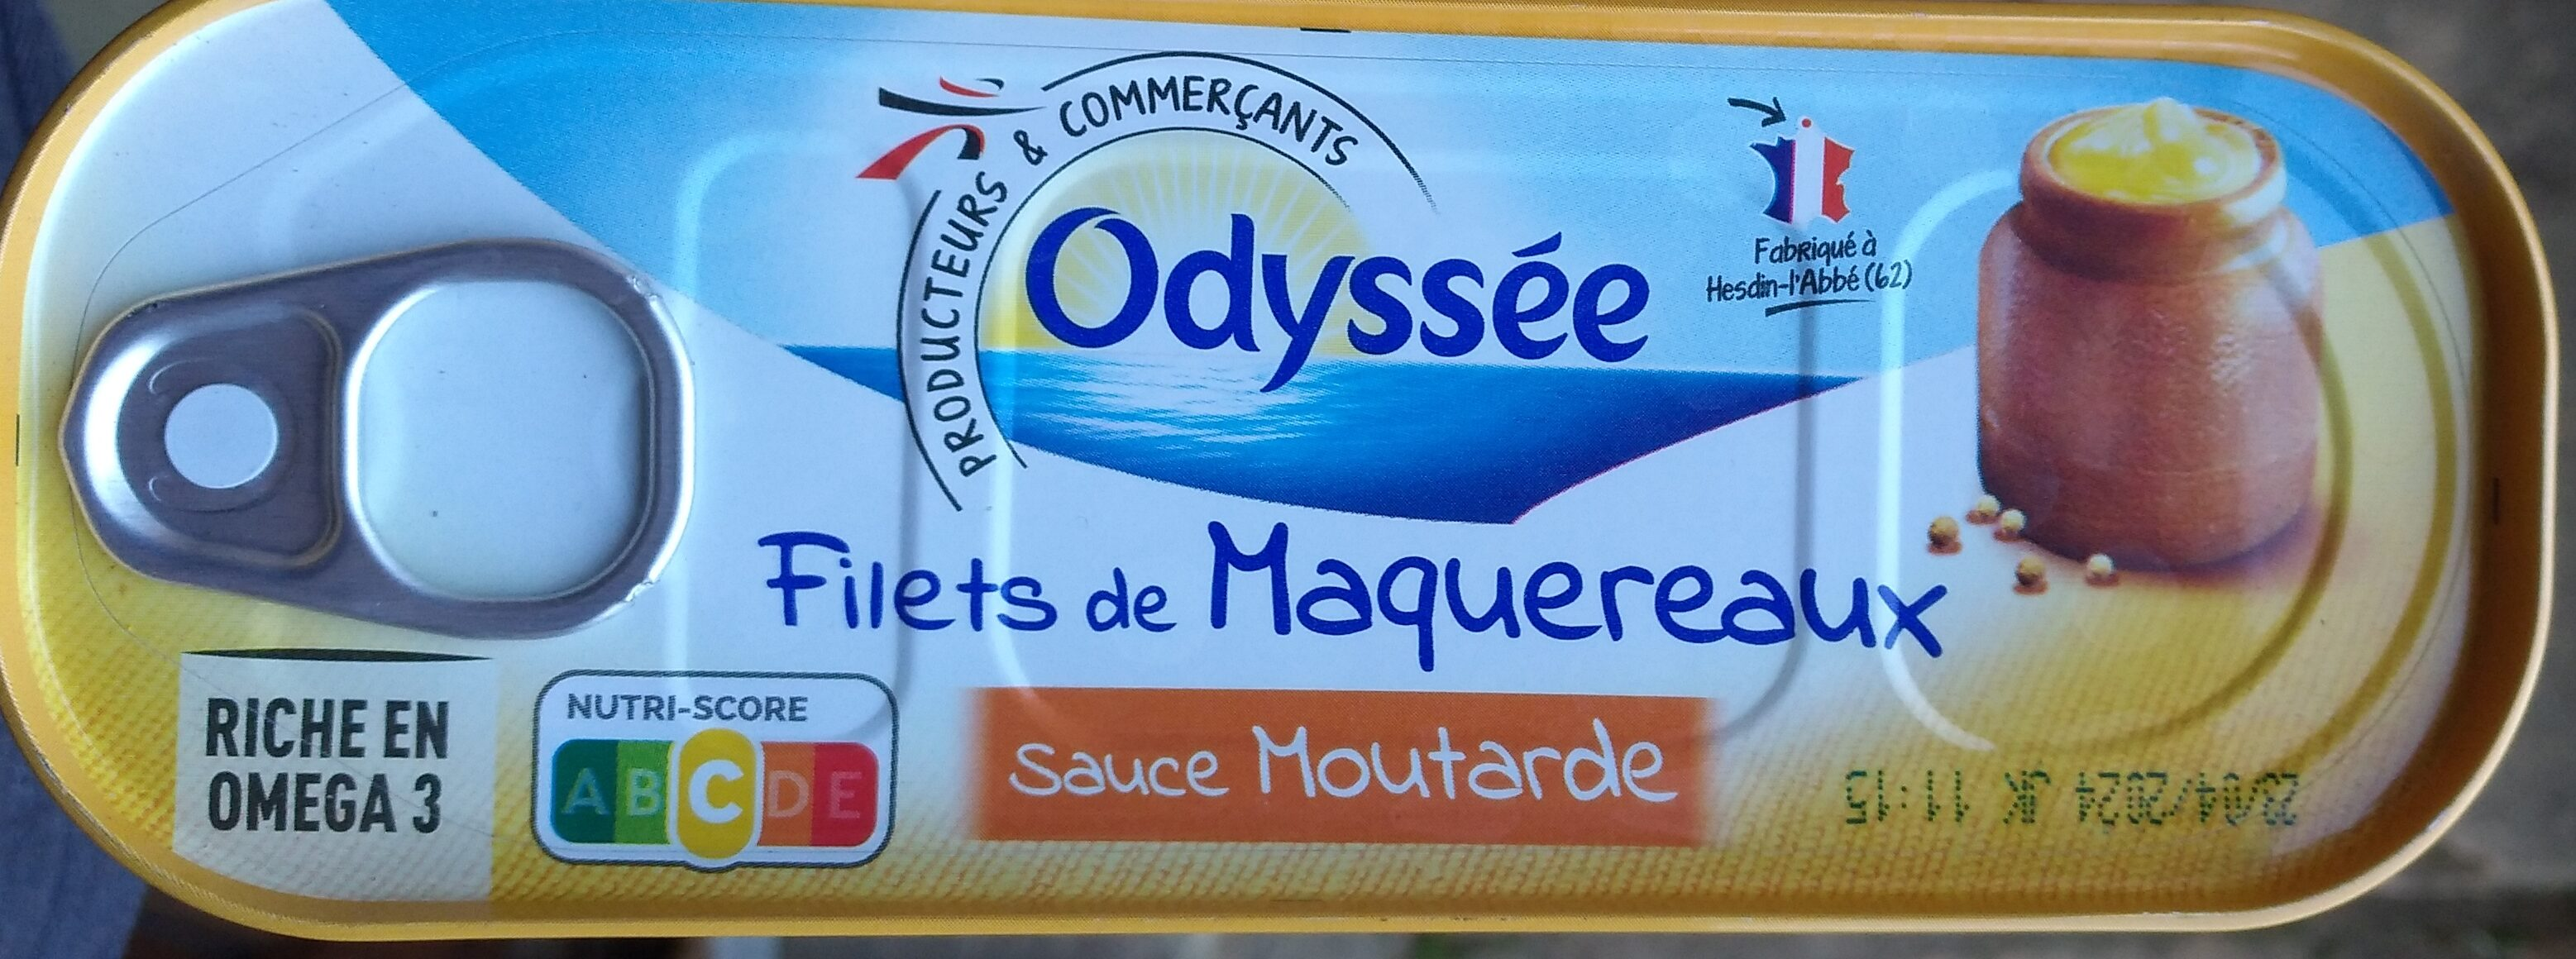 Filets de maquereaux sauce moutarde - Product - fr